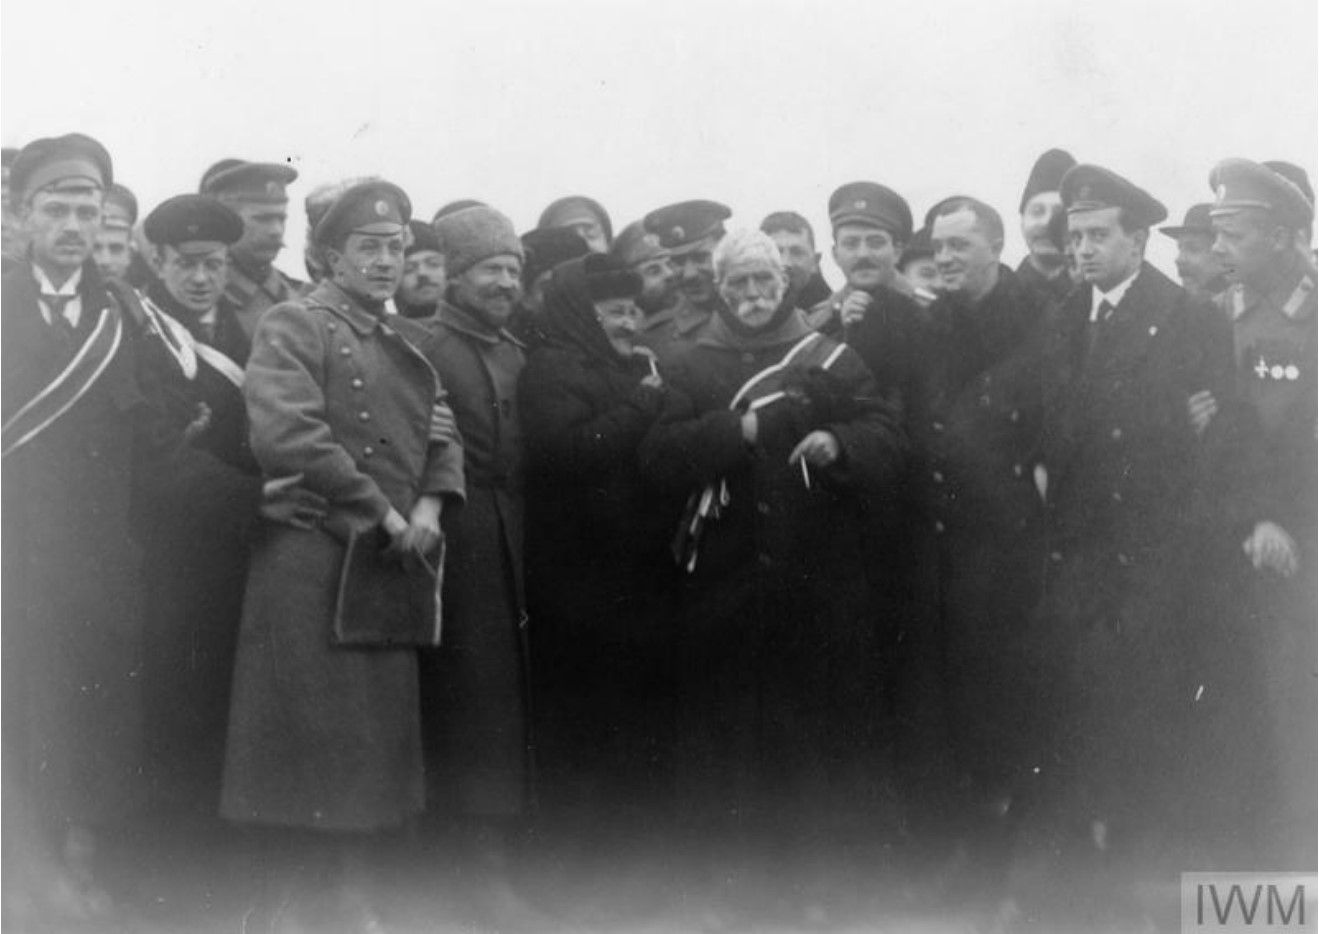 Мадам Брешко-Брешковская (которую часто называют «бабушкой русской революции») возвращается из изгнания